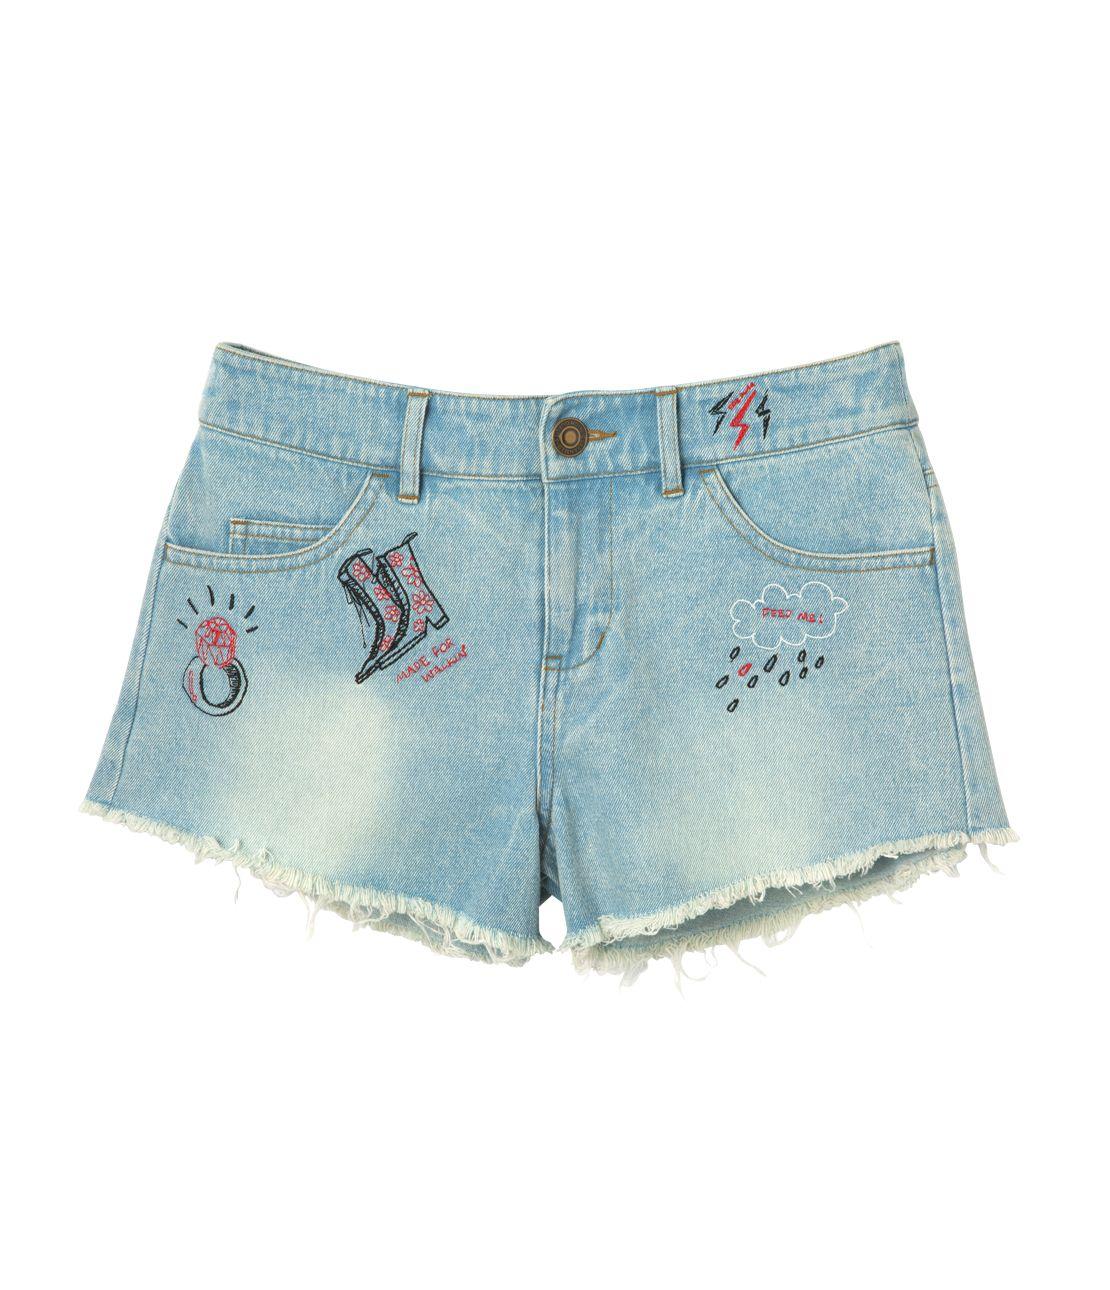 JRK embroidered shorts denim